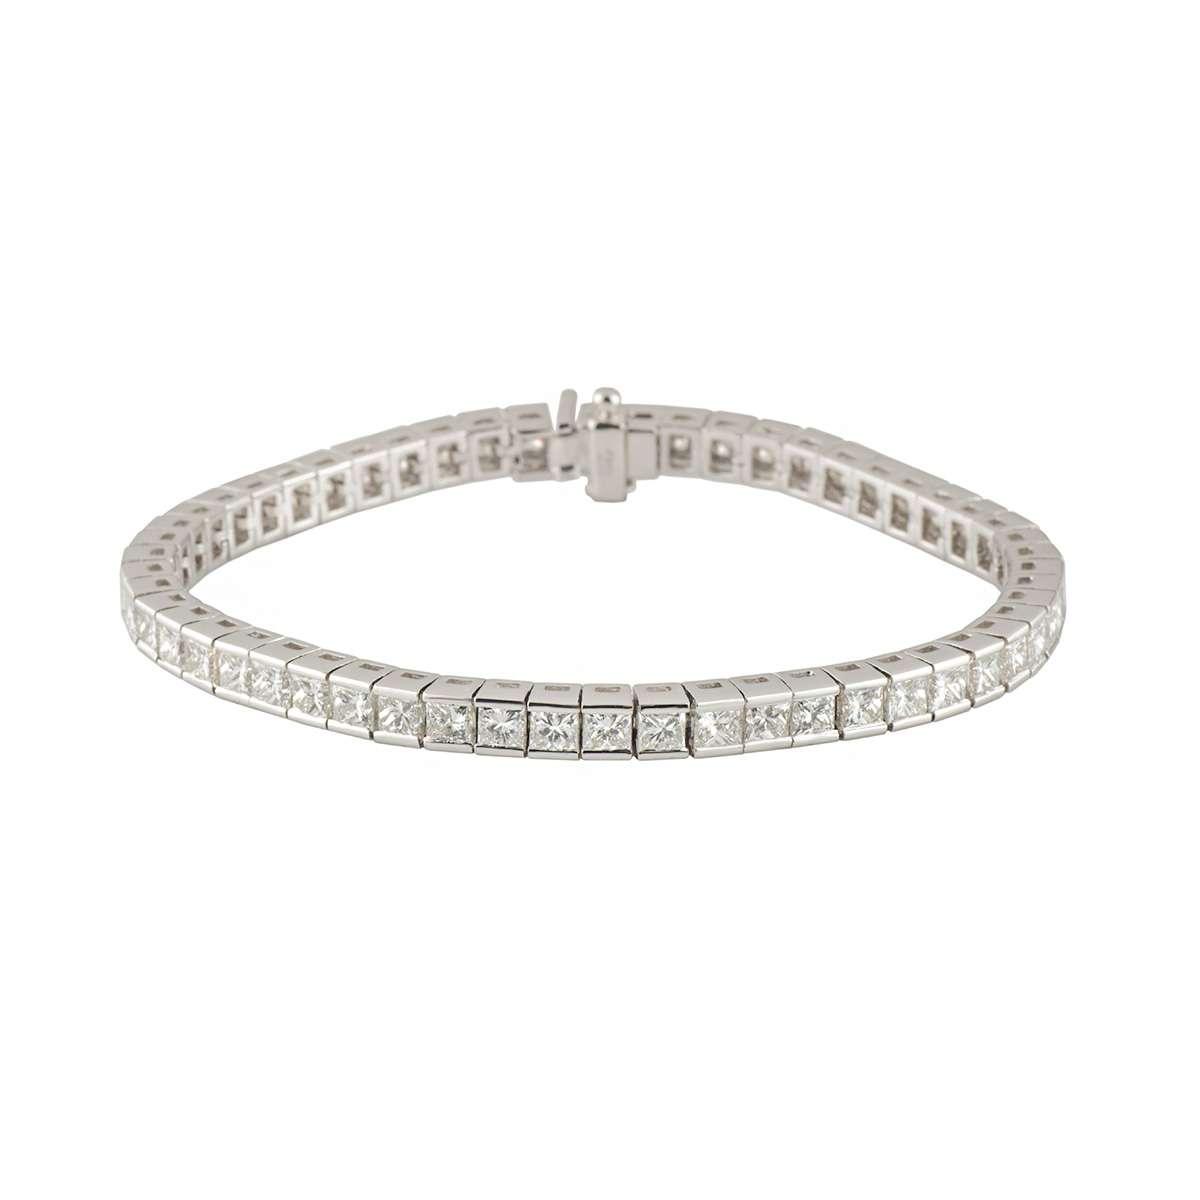 White Gold Diamond Line Bracelet 10.47ct G-H/VS